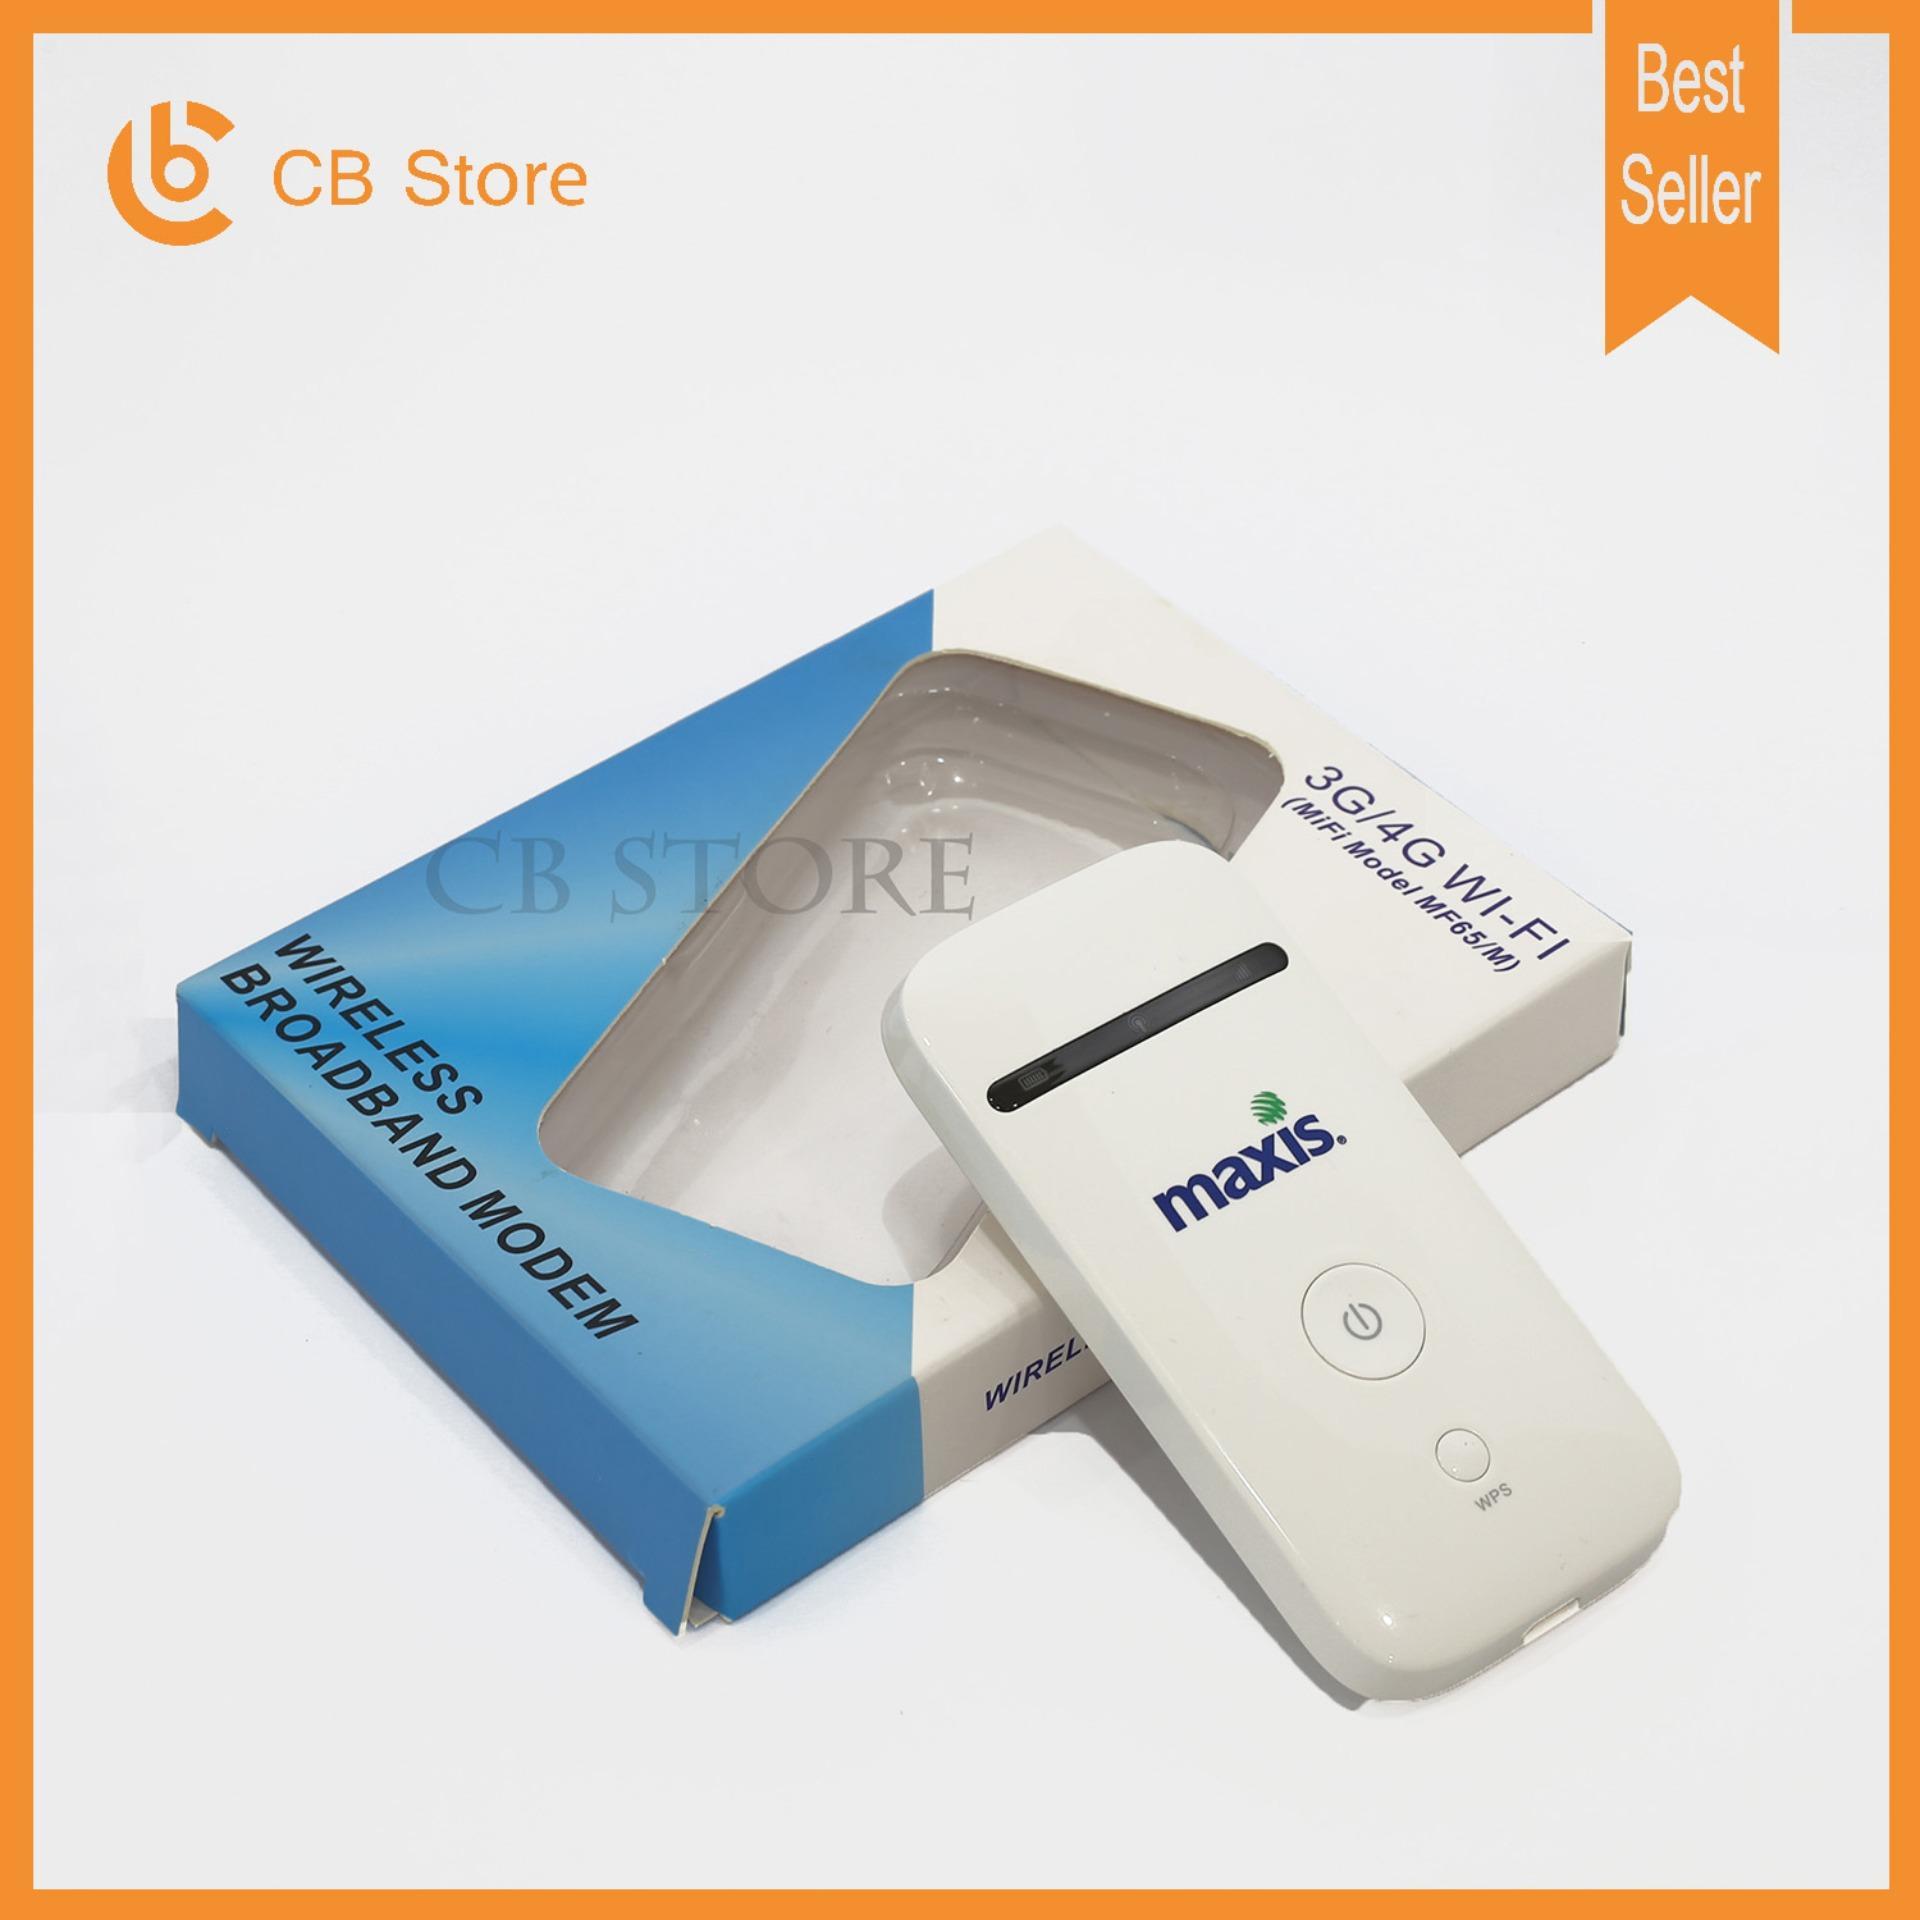 Hình ảnh Bộ phát sóng wifi từ sim 3G/4G ZTE MF65 - Phiên bản Maxis (Trắng)